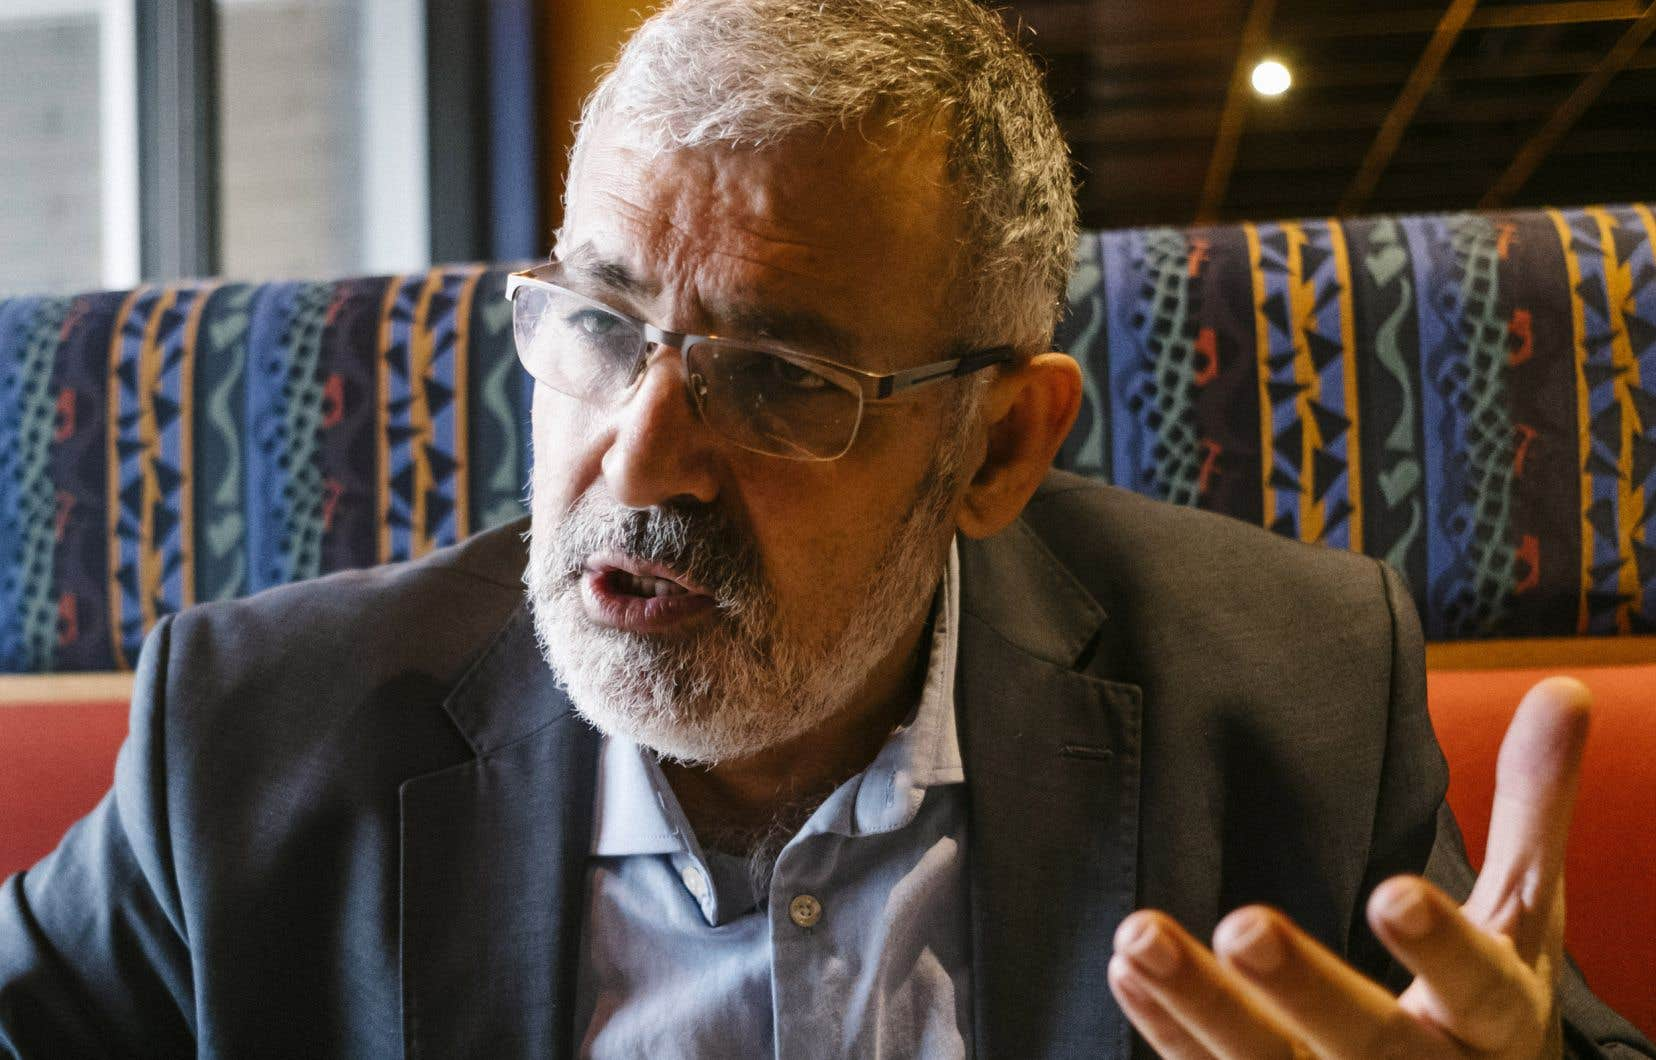 L'imam Hassan Guillet se désole de la répétition d'incidents haineux.